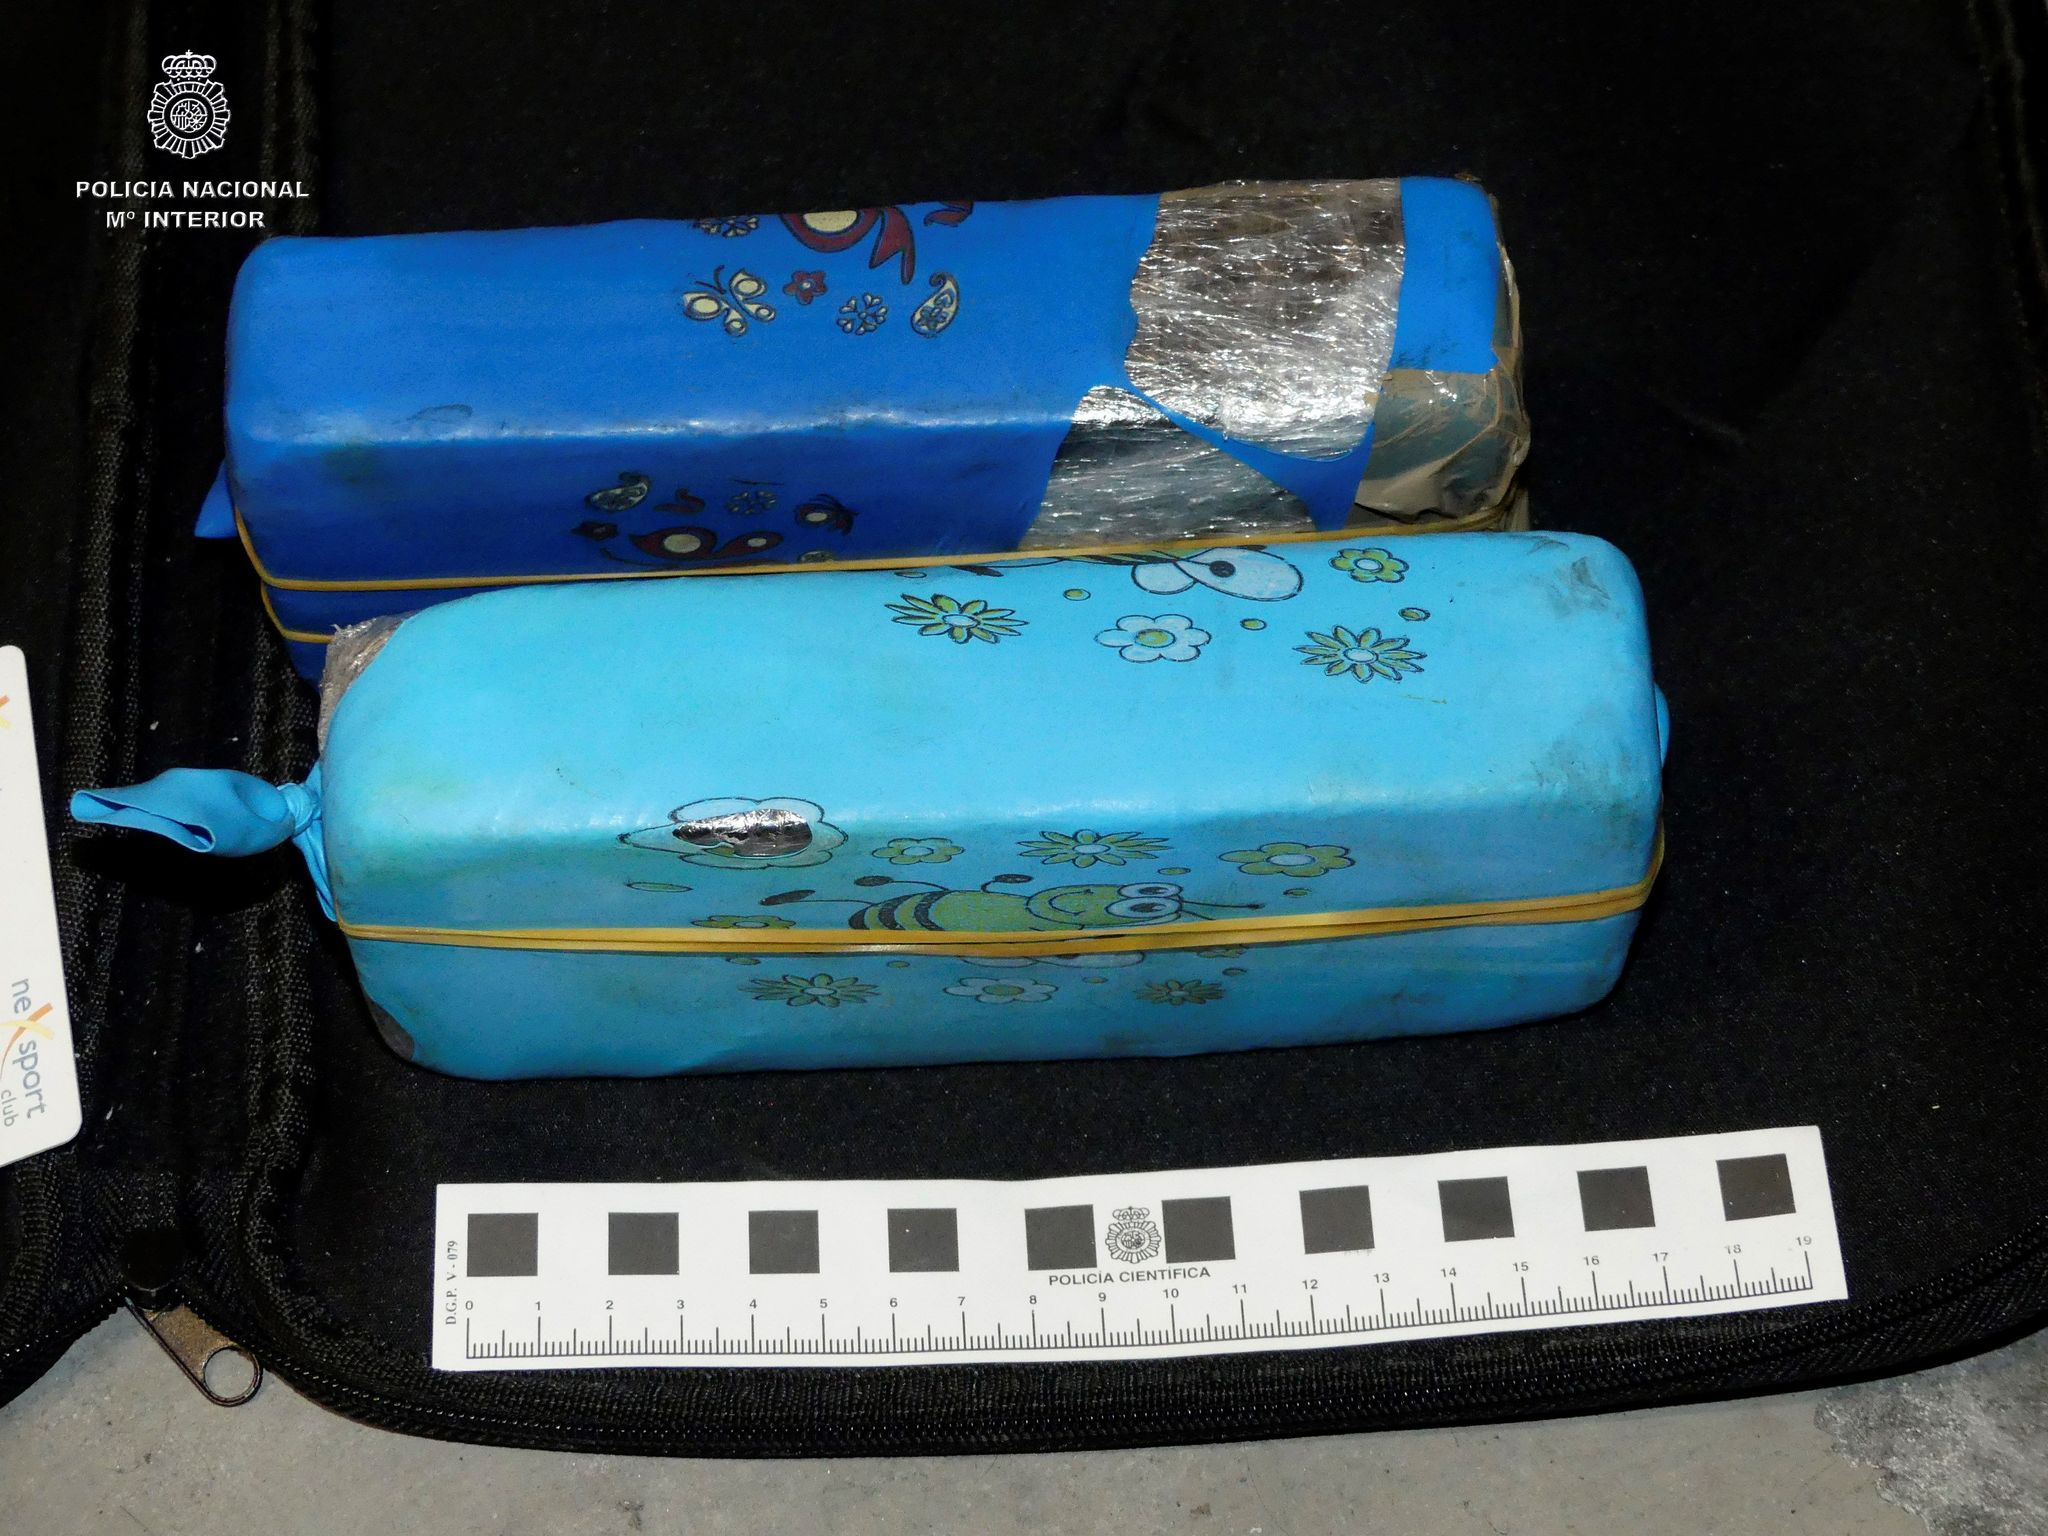 Paquetes de de heroína incautados por la Policía Nacional.